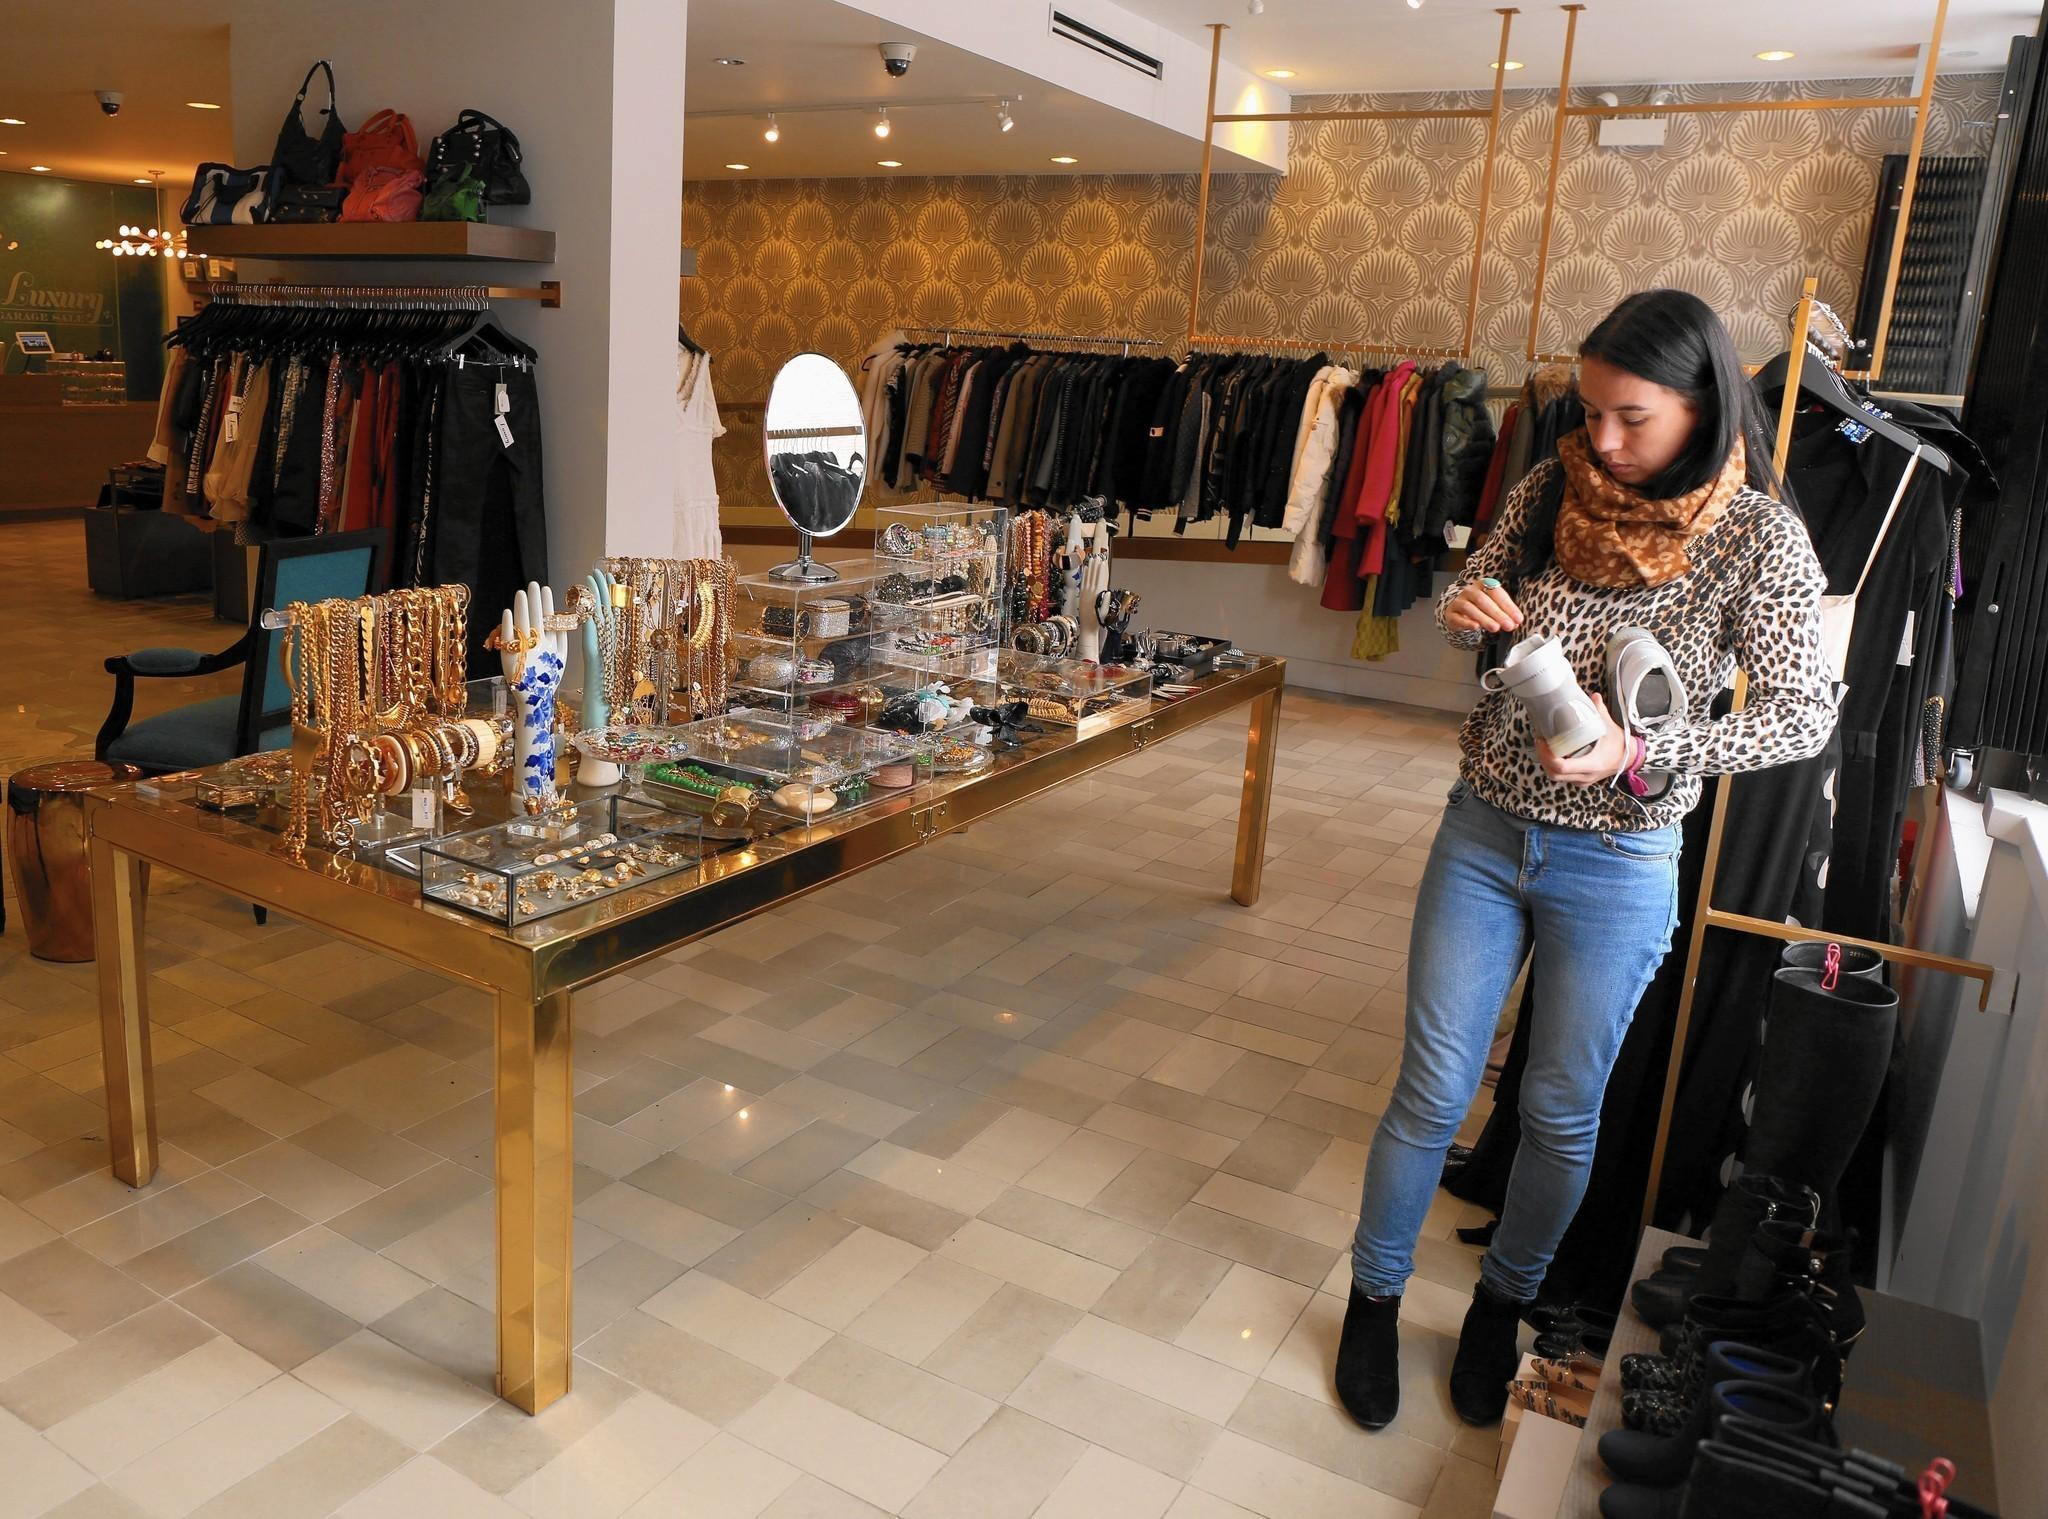 luxury garage sale gets 5m for more resale shops e commerce investment chicago tribune. Black Bedroom Furniture Sets. Home Design Ideas